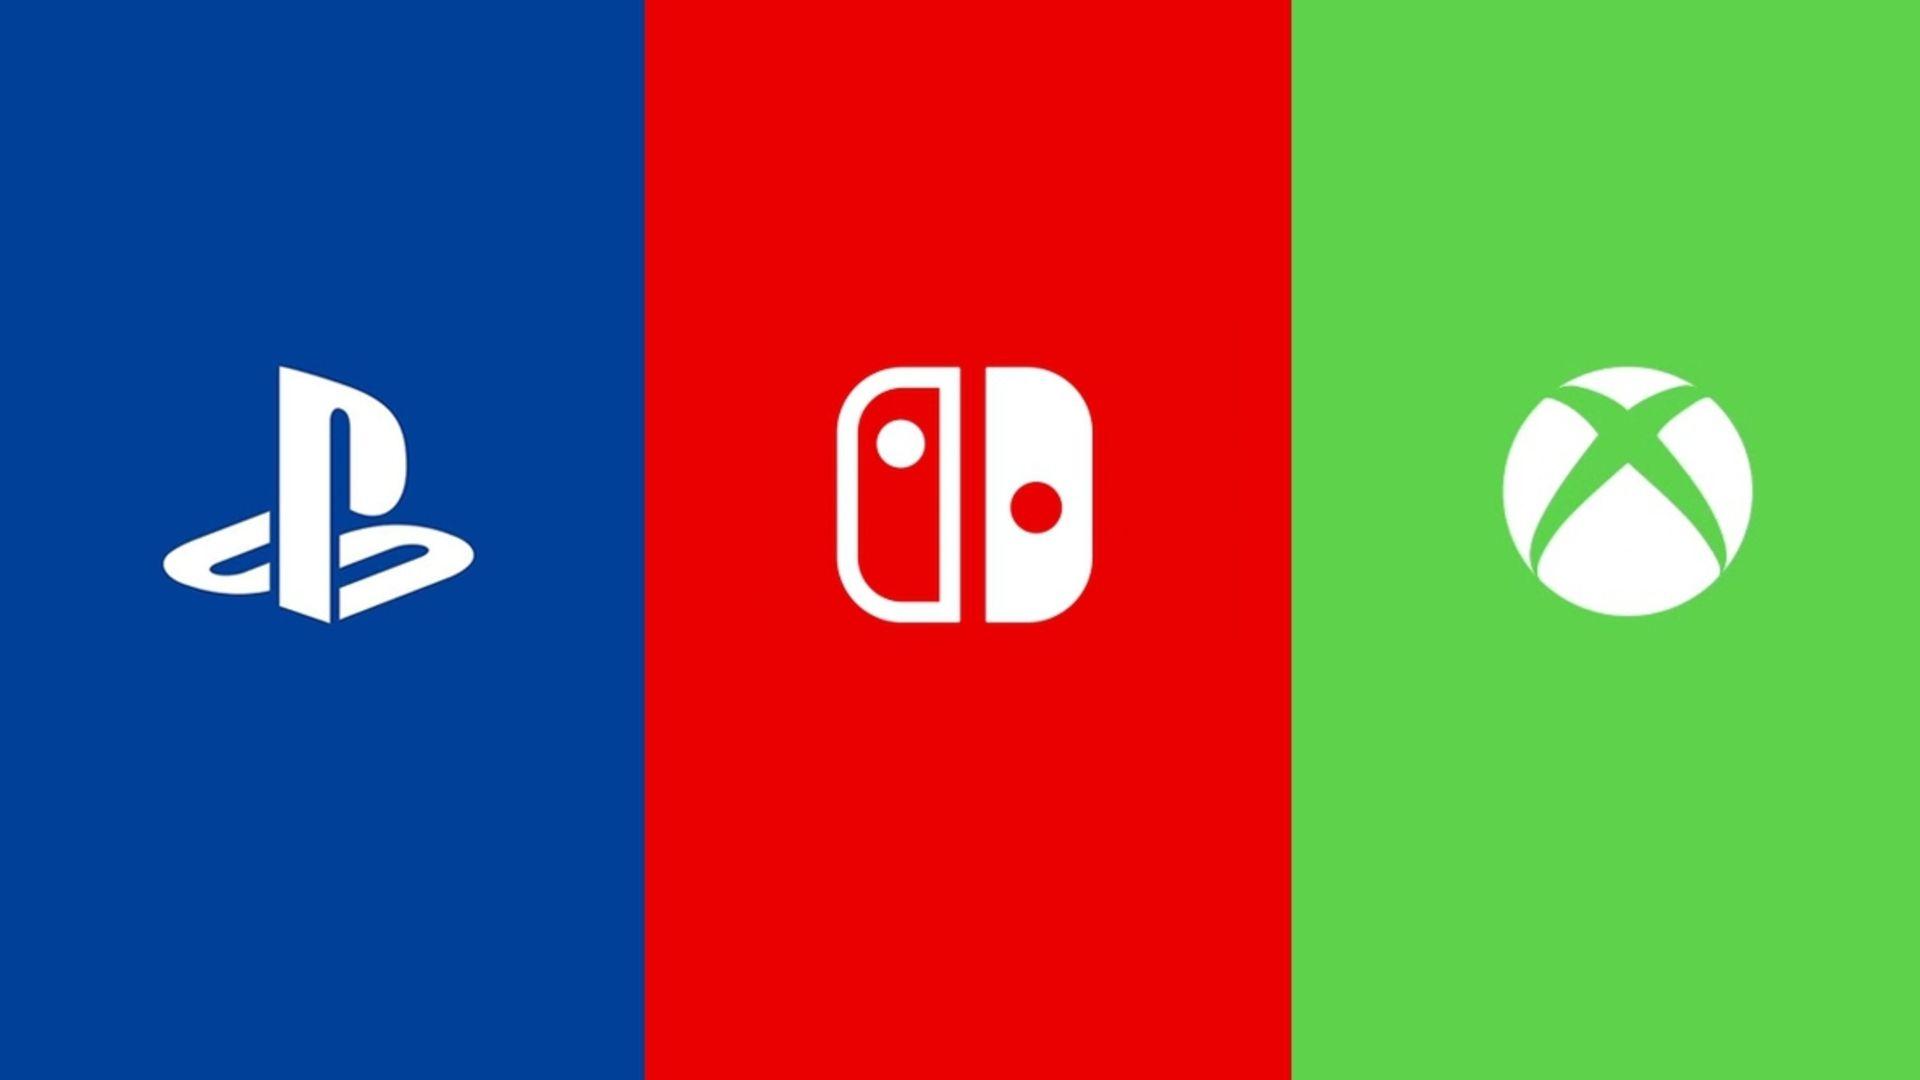 2018游戏主机大战:三家各有悲喜 布局不断升级